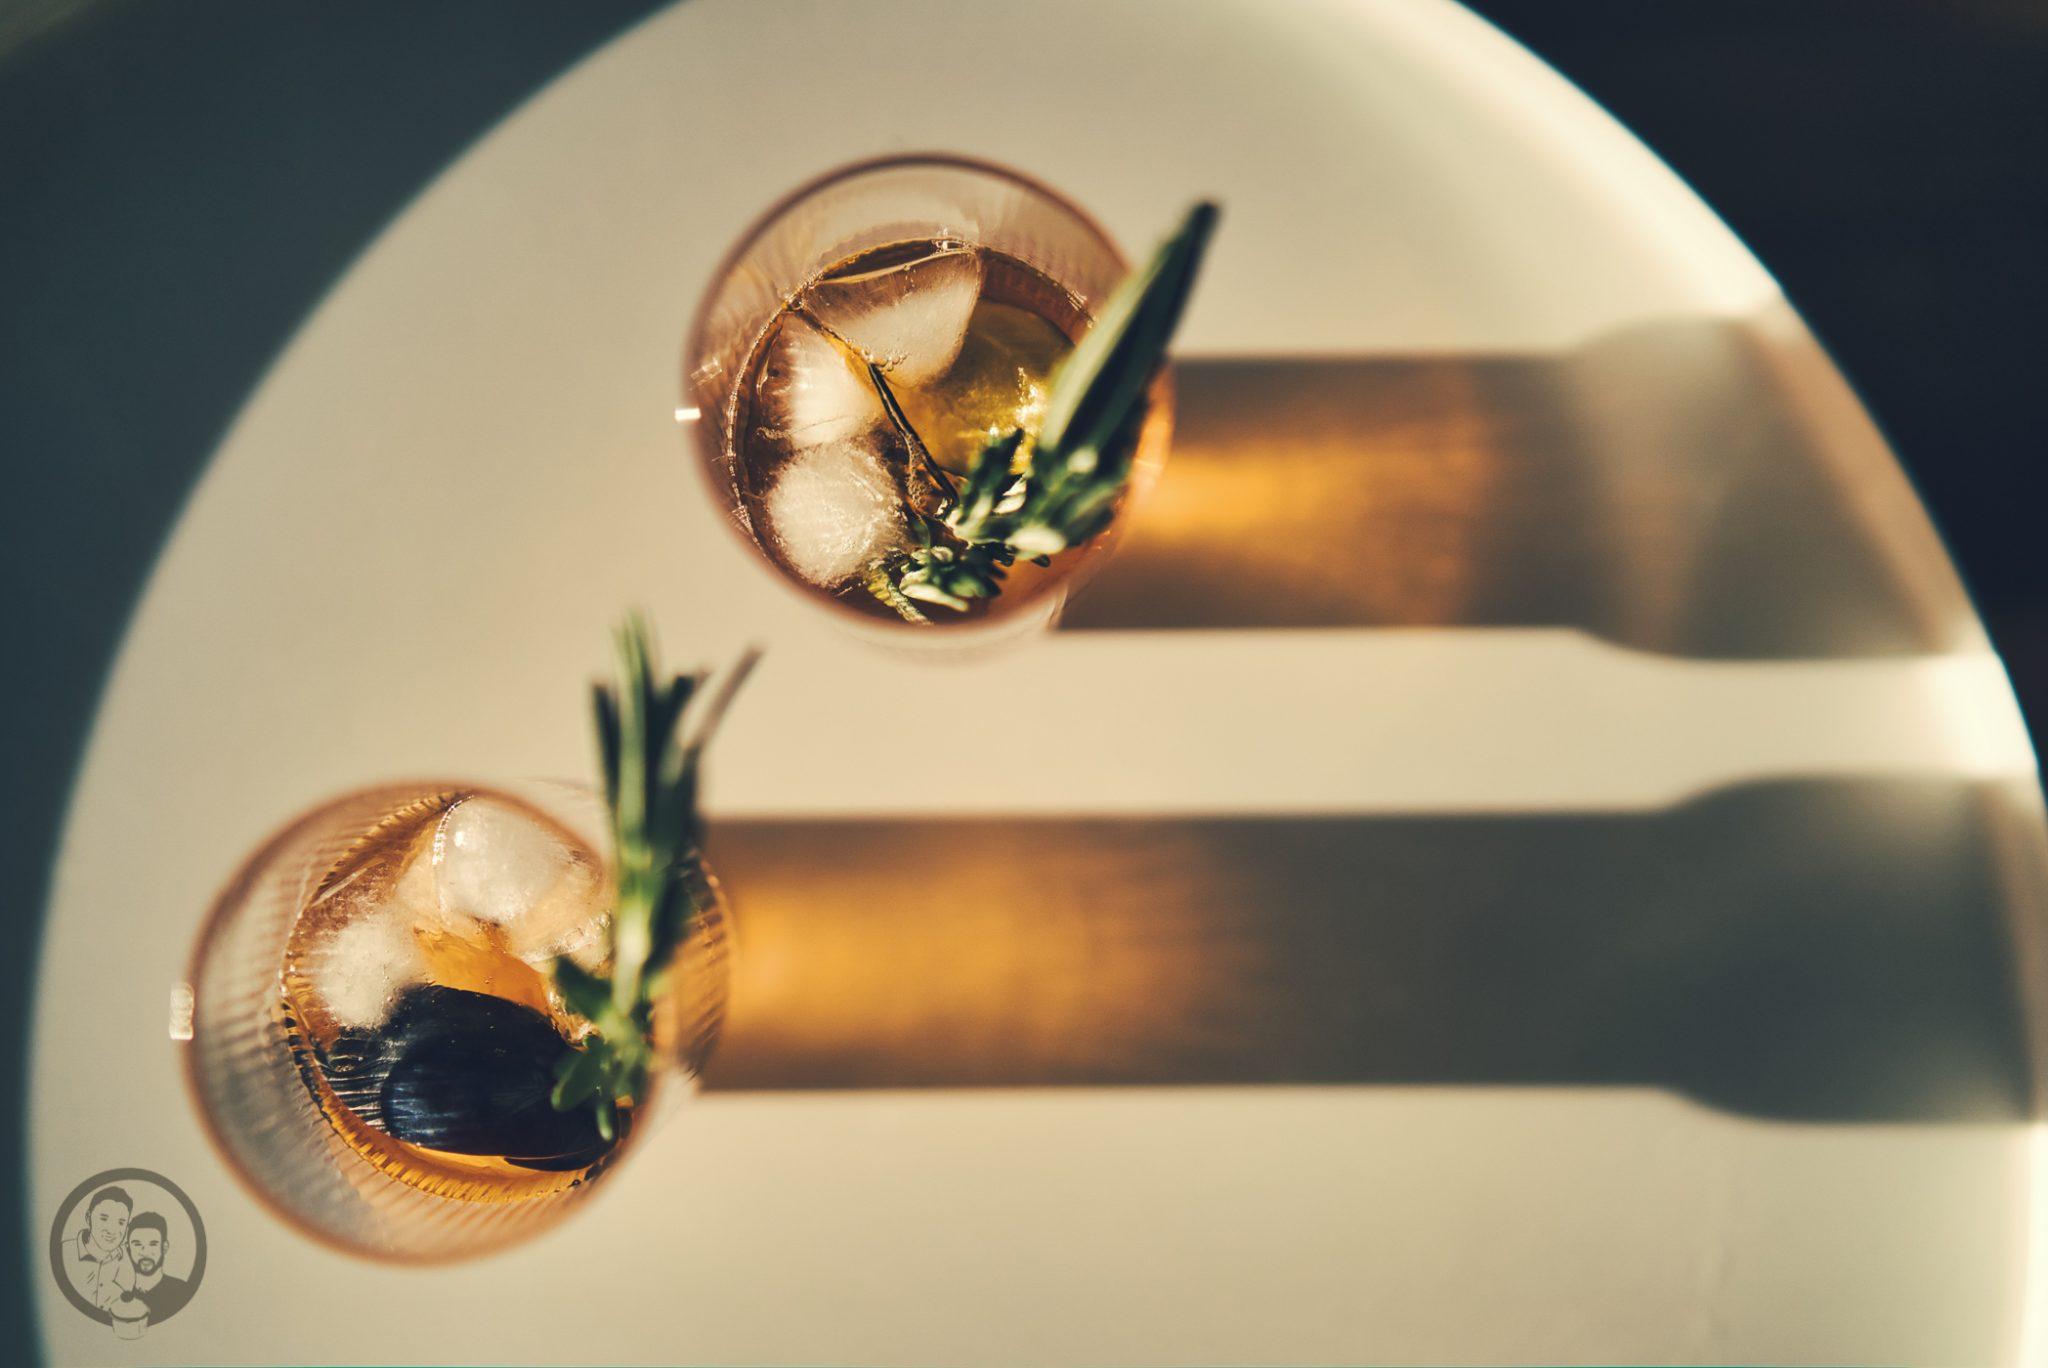 natural mailand aperitivo 72 | Vielleicht könnt ihr euch noch daran erinnern, dass wir uns vor ein paar Wochen mit einem neuen Rezept aus Mailand gemeldet haben. Denn genau dort dürften wir zwei schöne Tage verbringen. Die Stadt ist nicht nur für Mode sondern auch für eine tolle Food-Szene bekannt. Warum wir in Mailand waren und was unser neues Rezept für einen Pflaumen-Vermouth-Spritz damit zu tun hat und warum Naturals Chips der perfekte Begleiter dazu sind - das wollen wir euch heute zeigen.